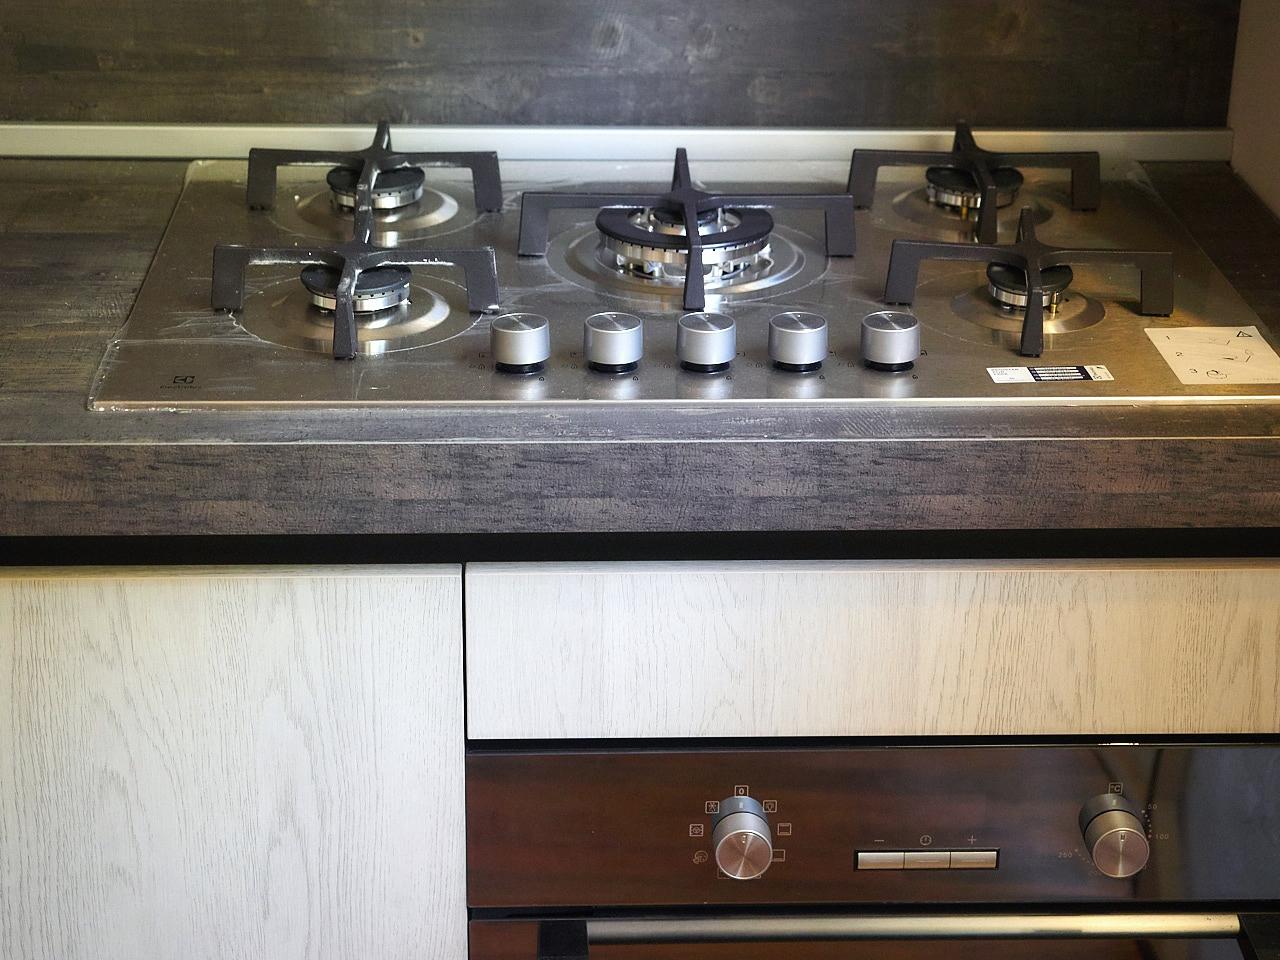 Cucina Moderna In Essenza : Cucina moderna essenza rovere ice e bambu in offerta